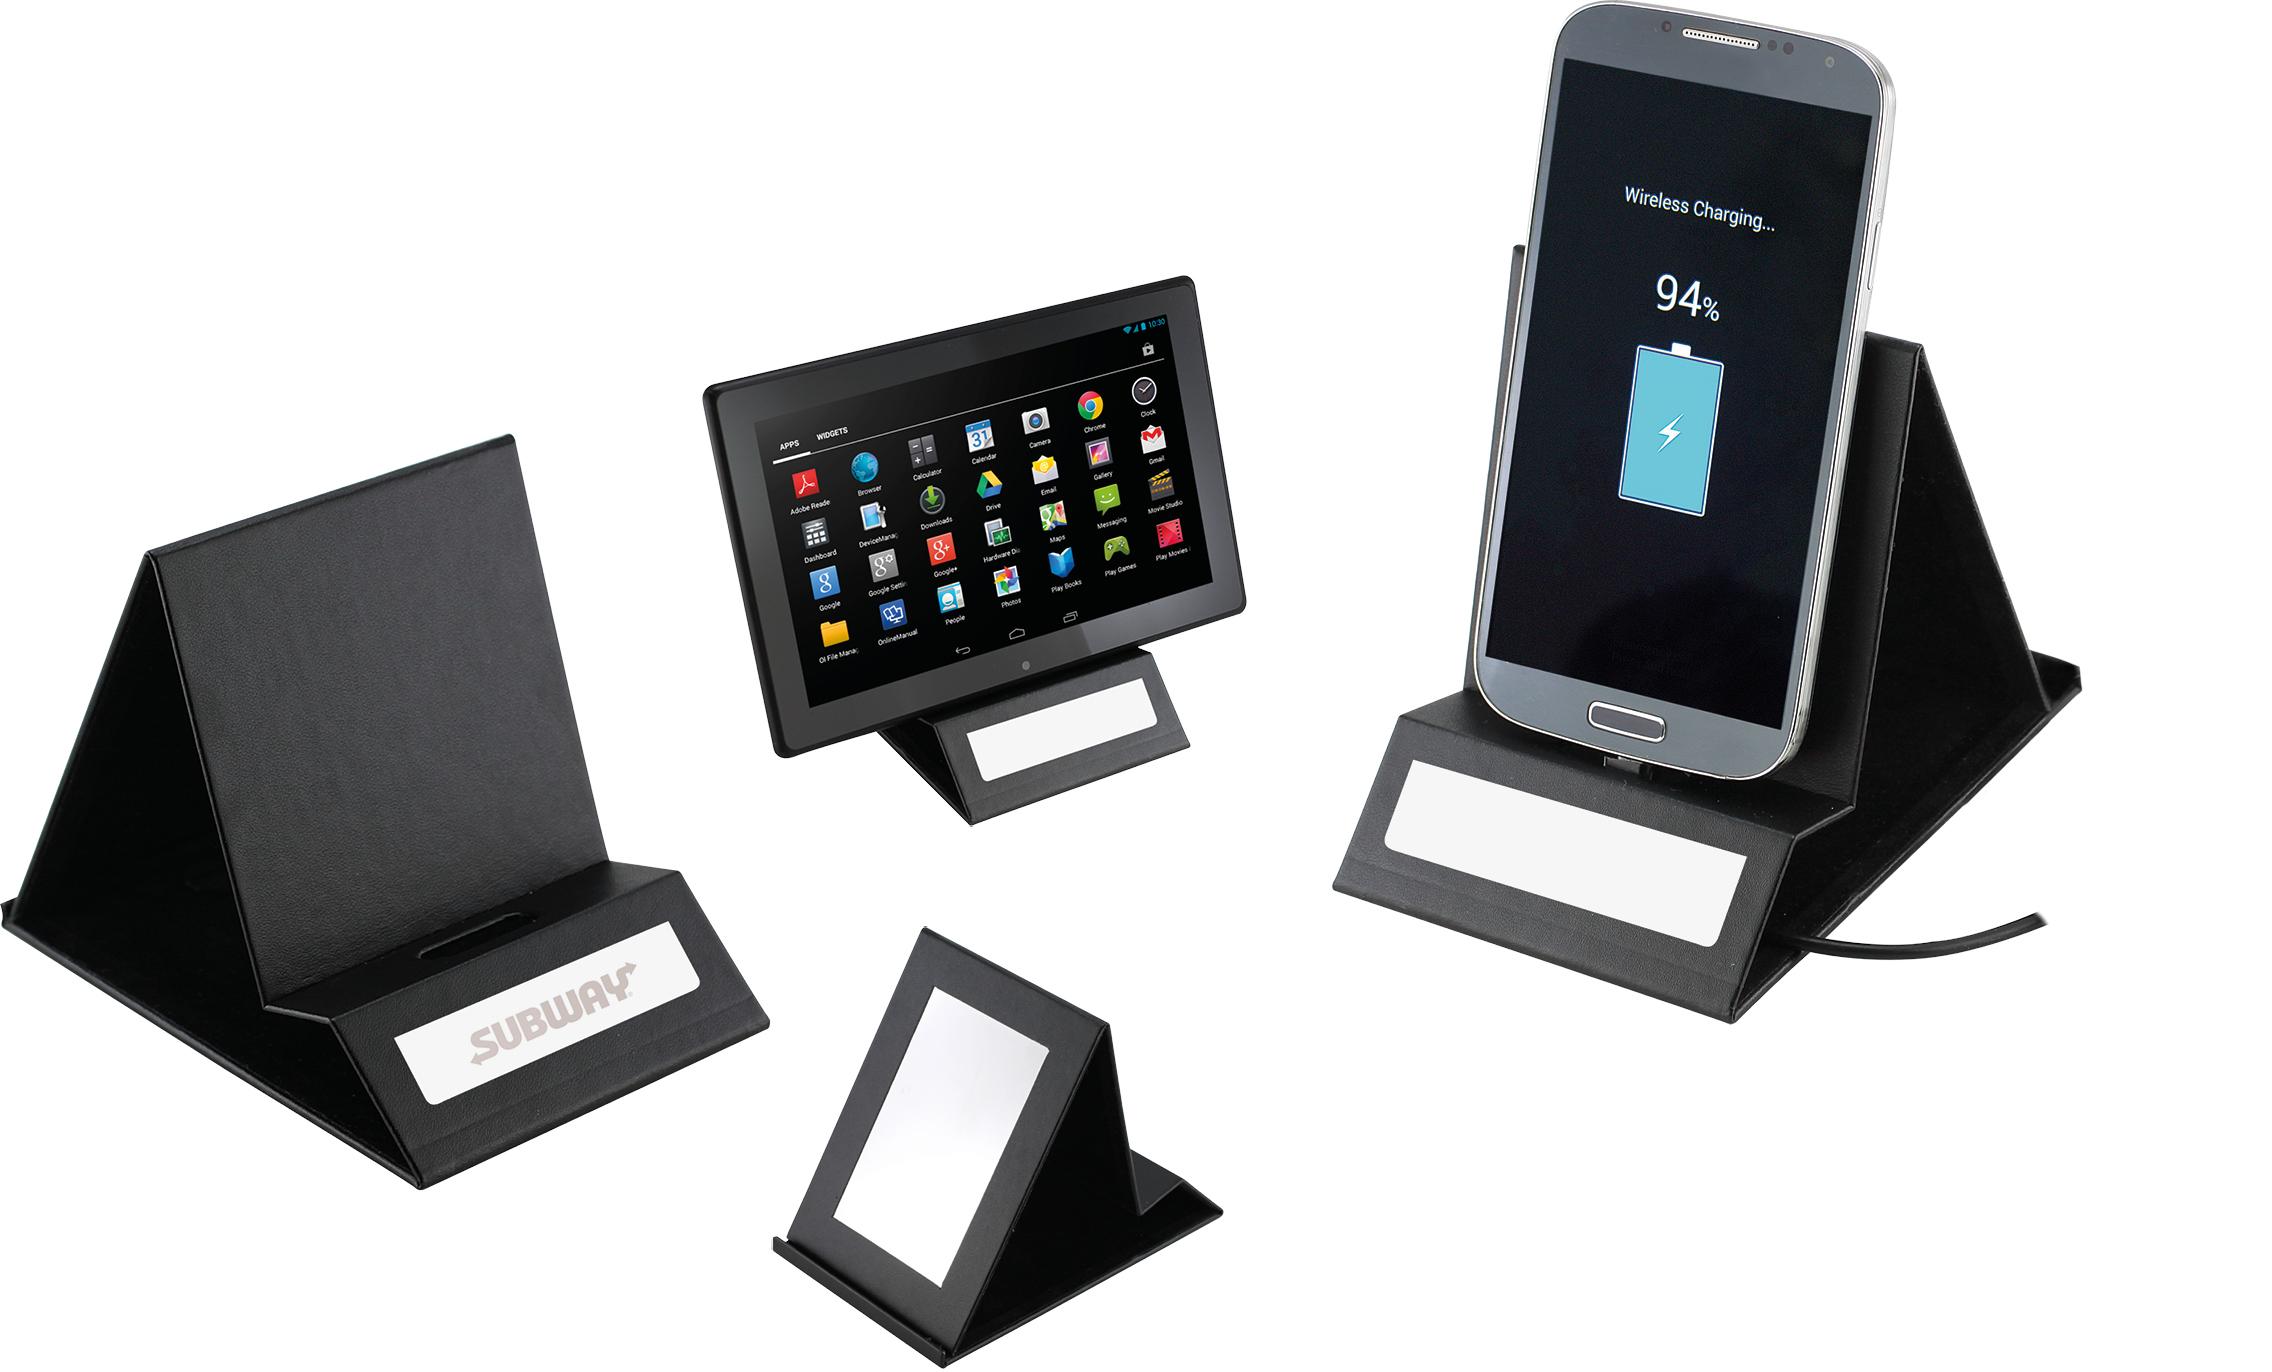 EMPEN Kovový skládací stojánek na mobil Furioso, černý